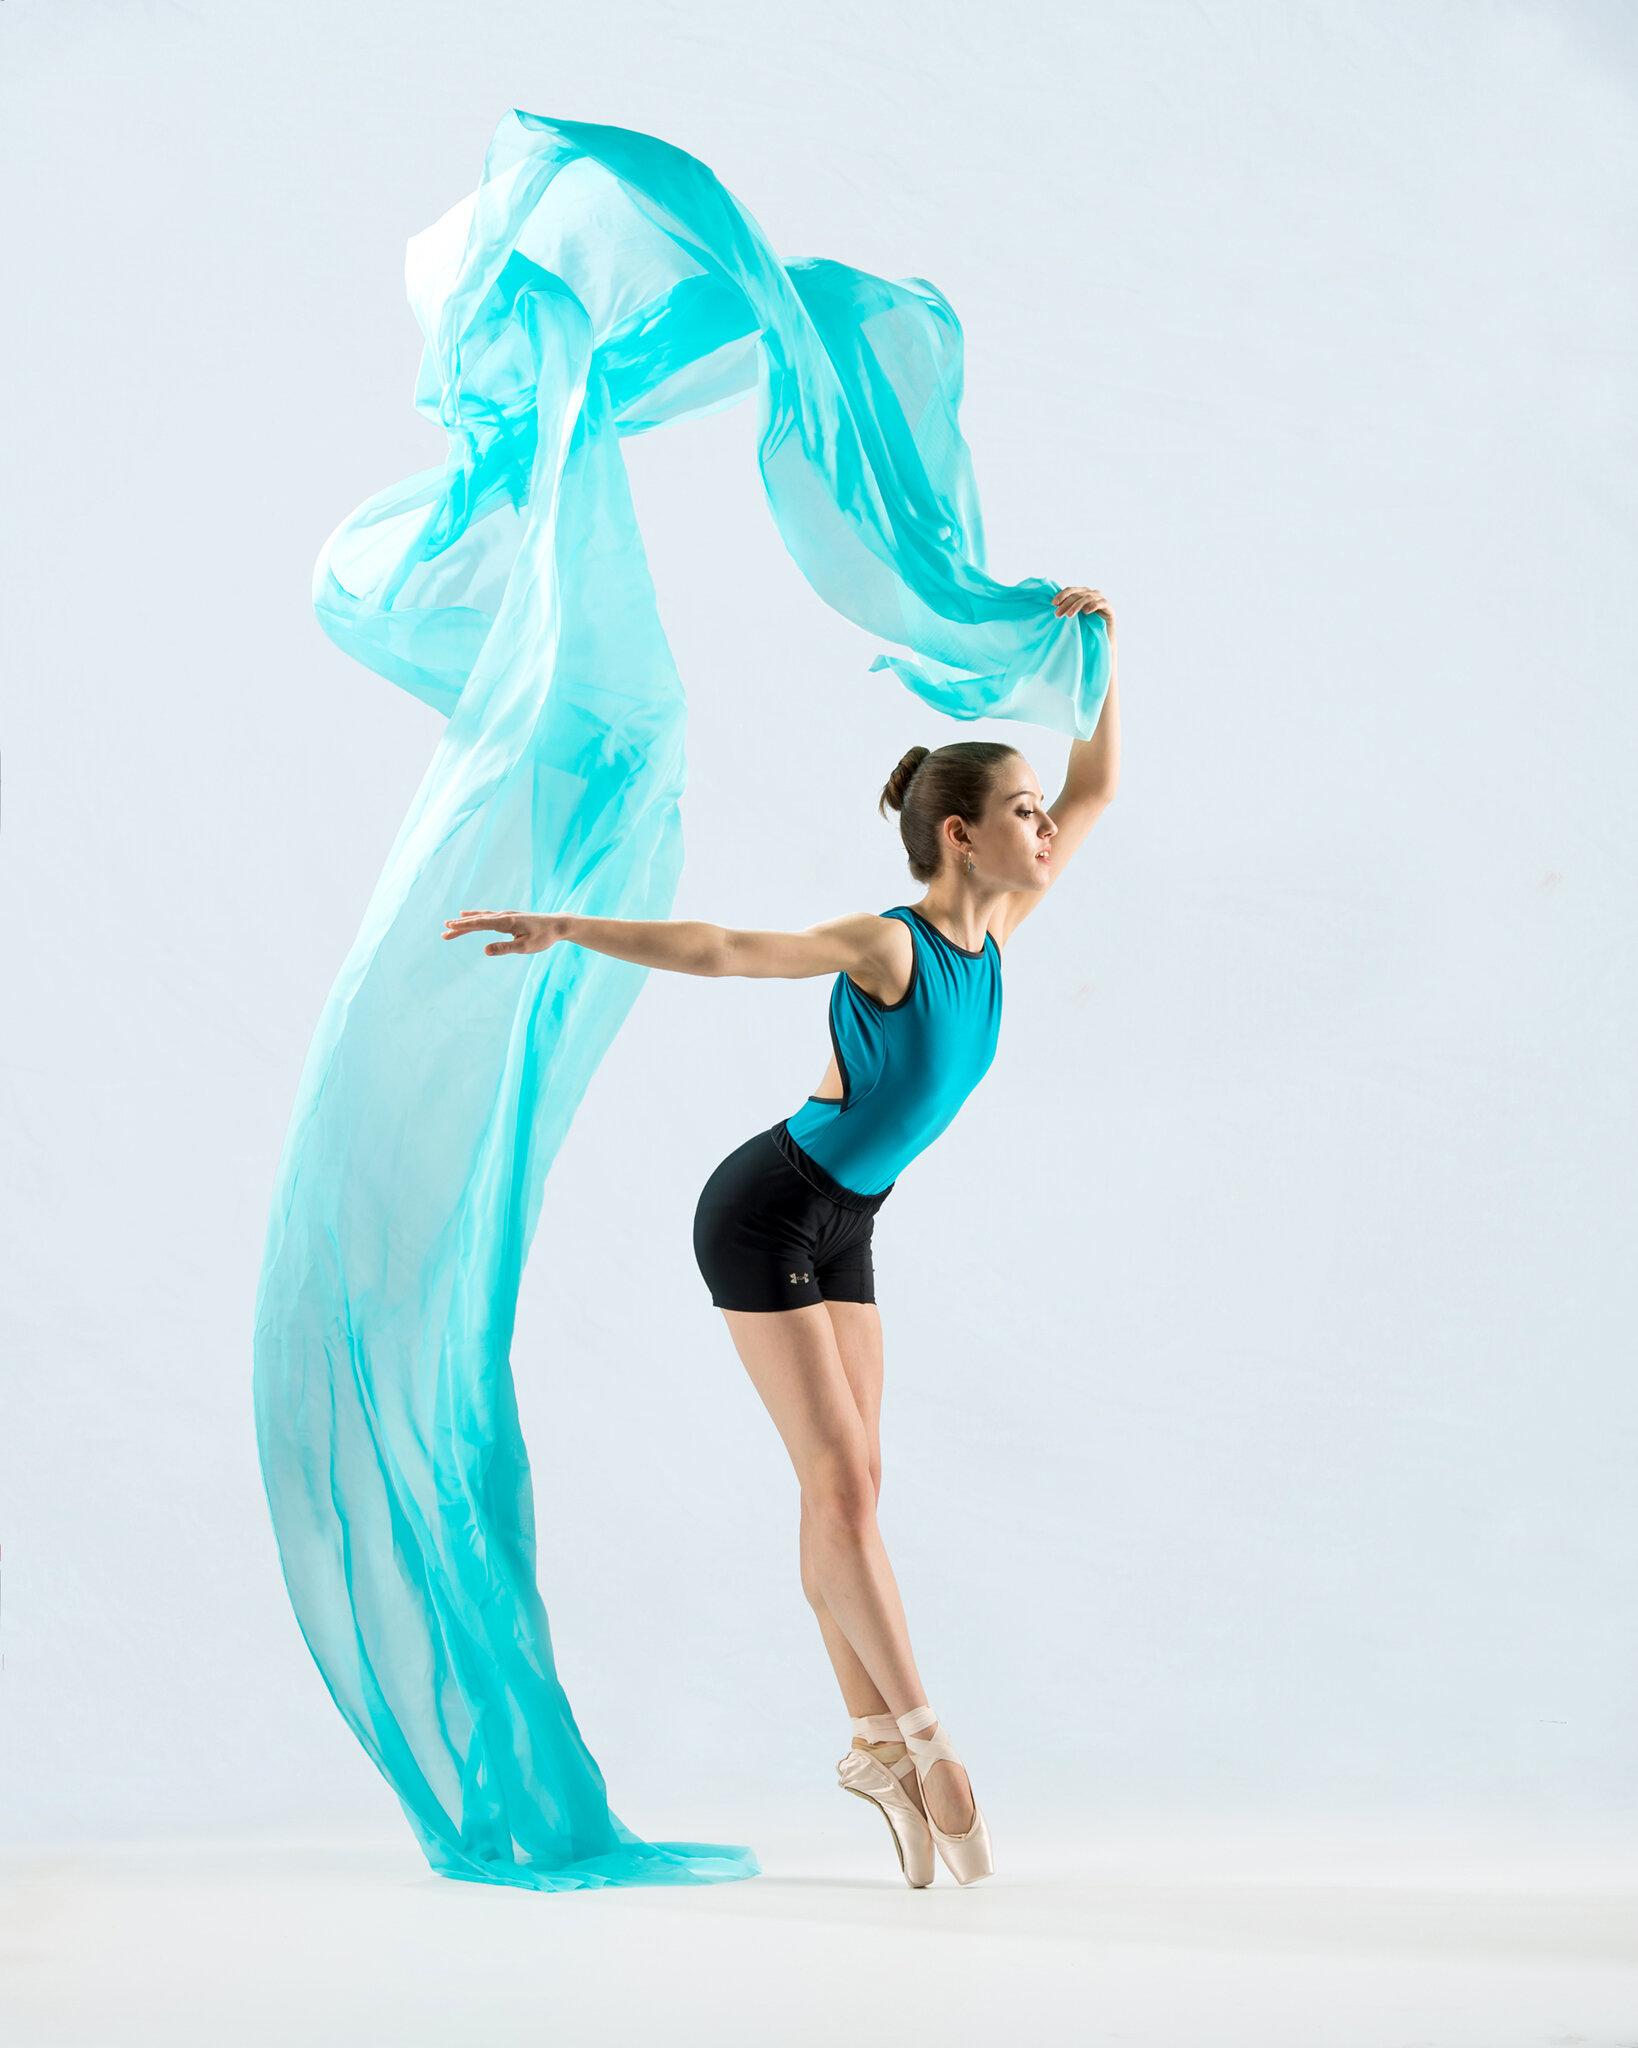 barrington dance photographer 7341b.jpg